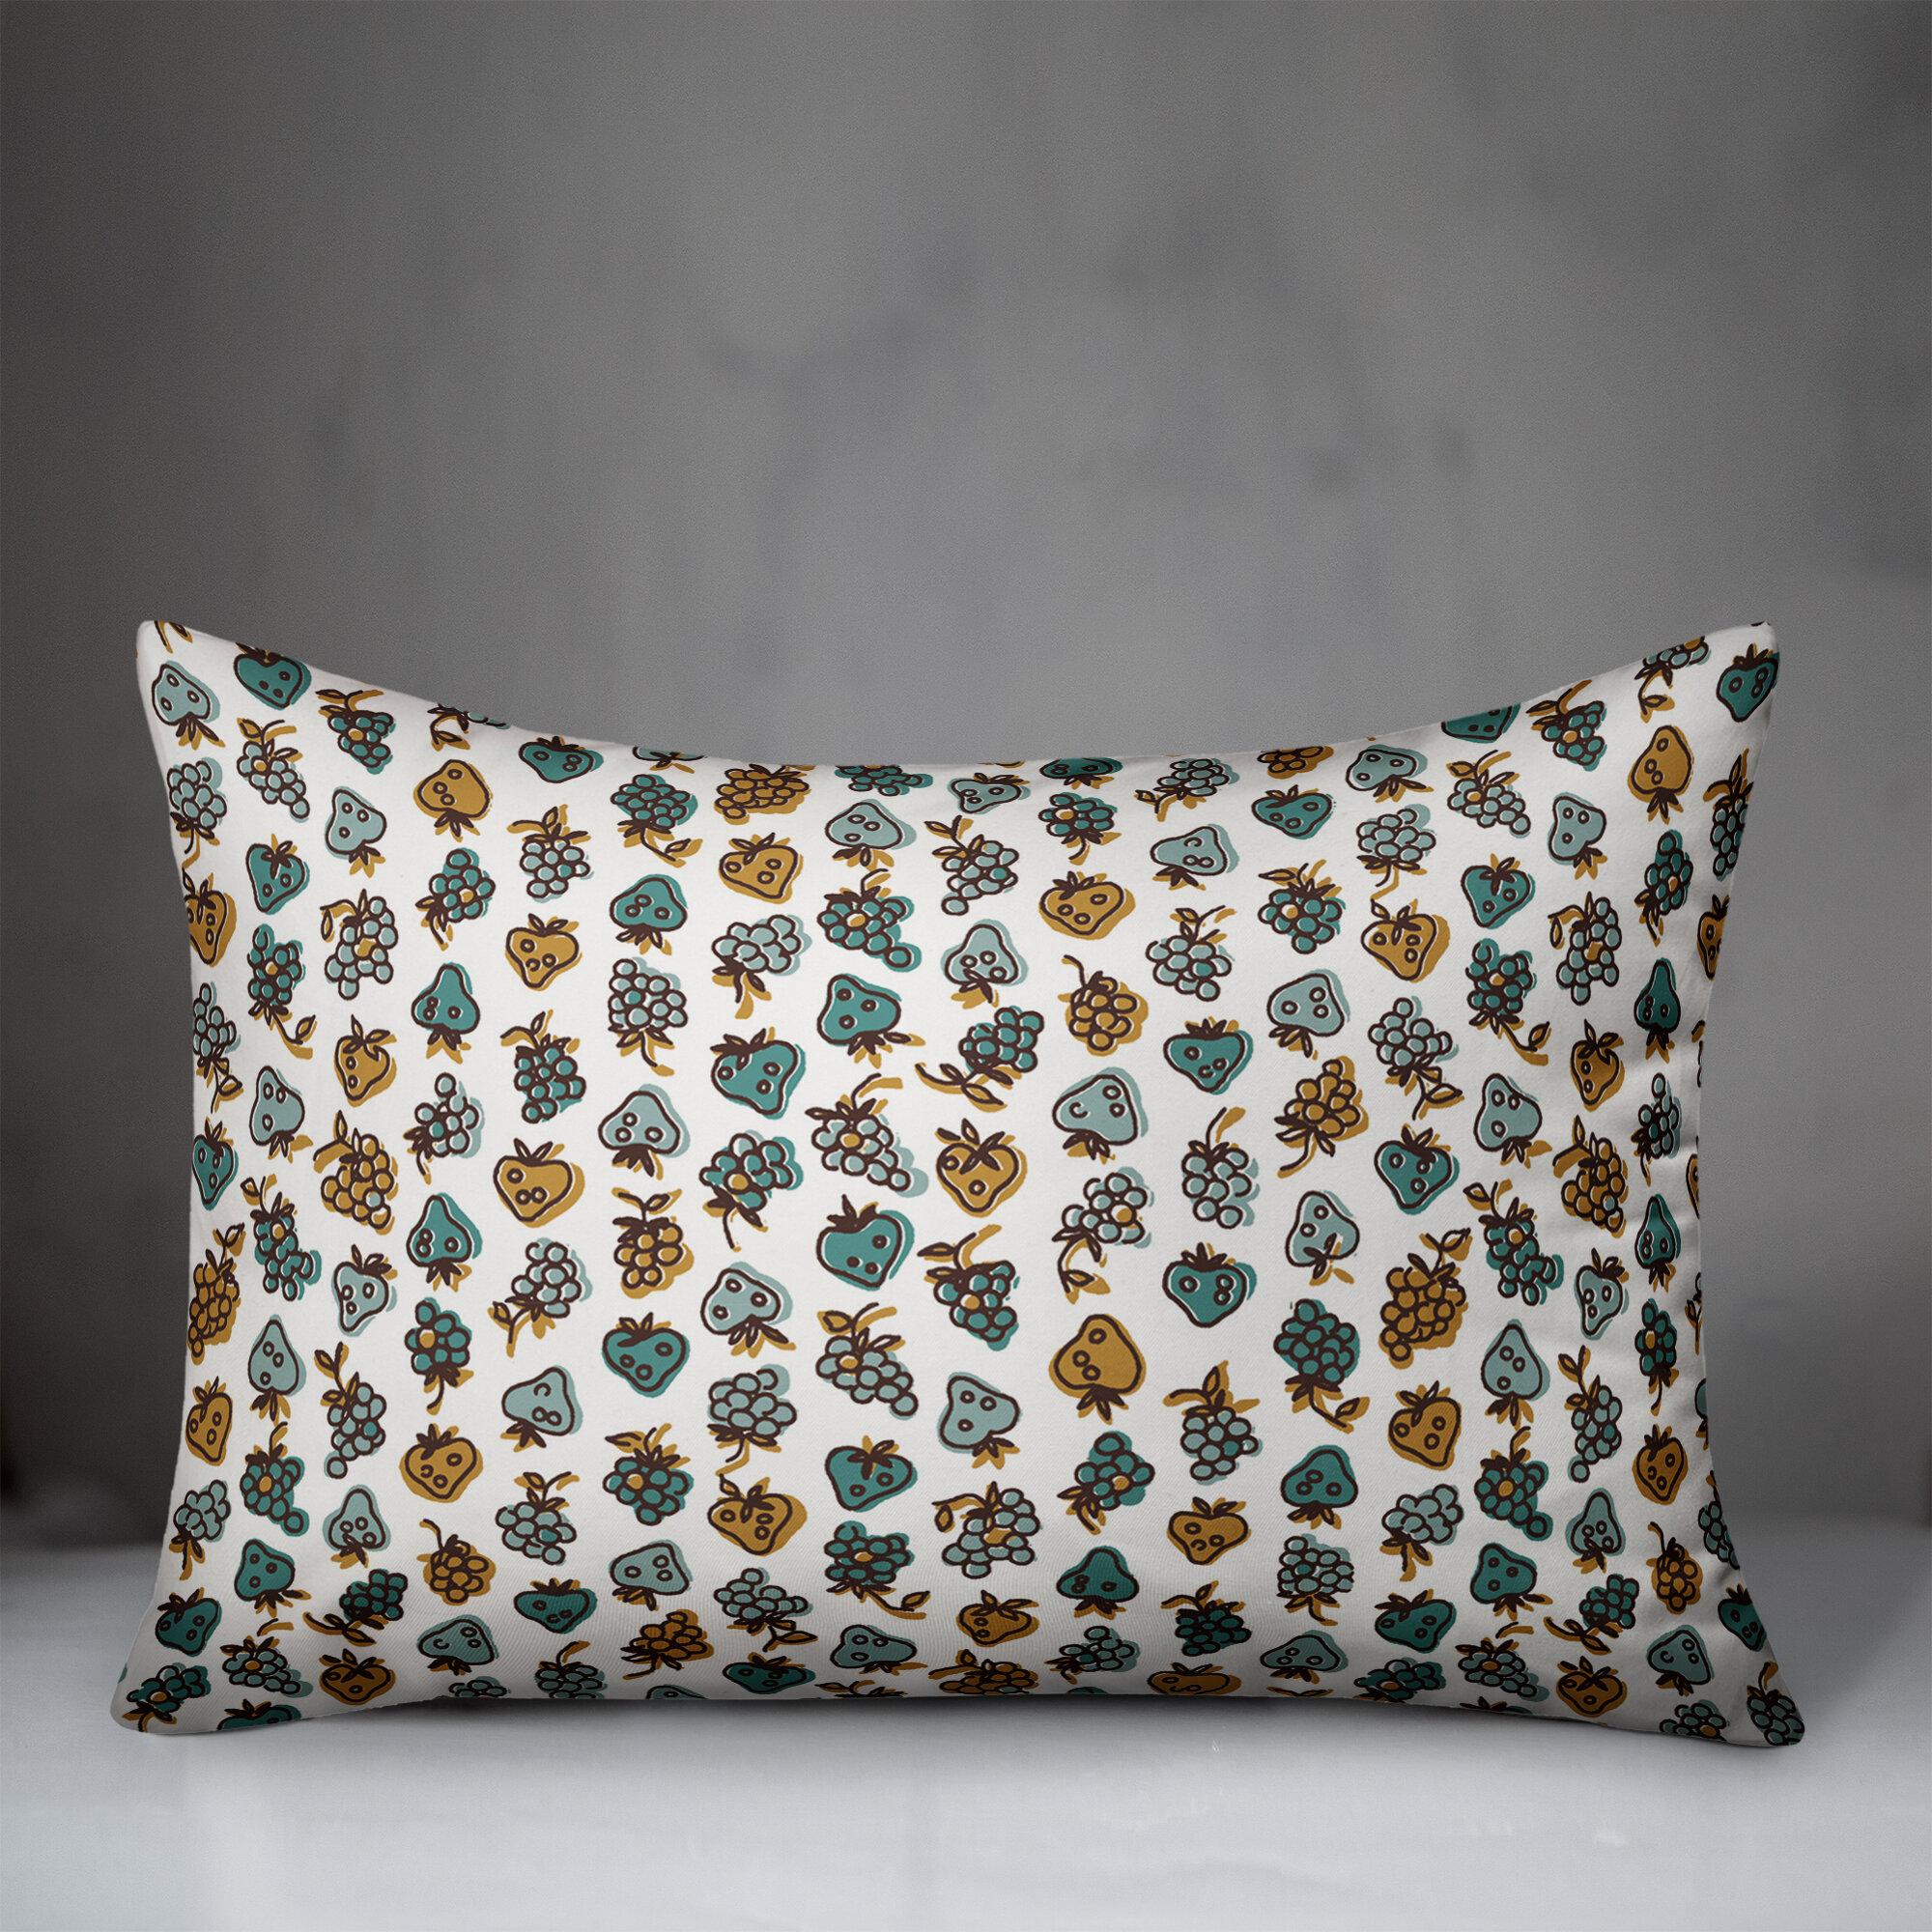 Ebern Designs Xochitl Fruit Lumbar Pillow Wayfair